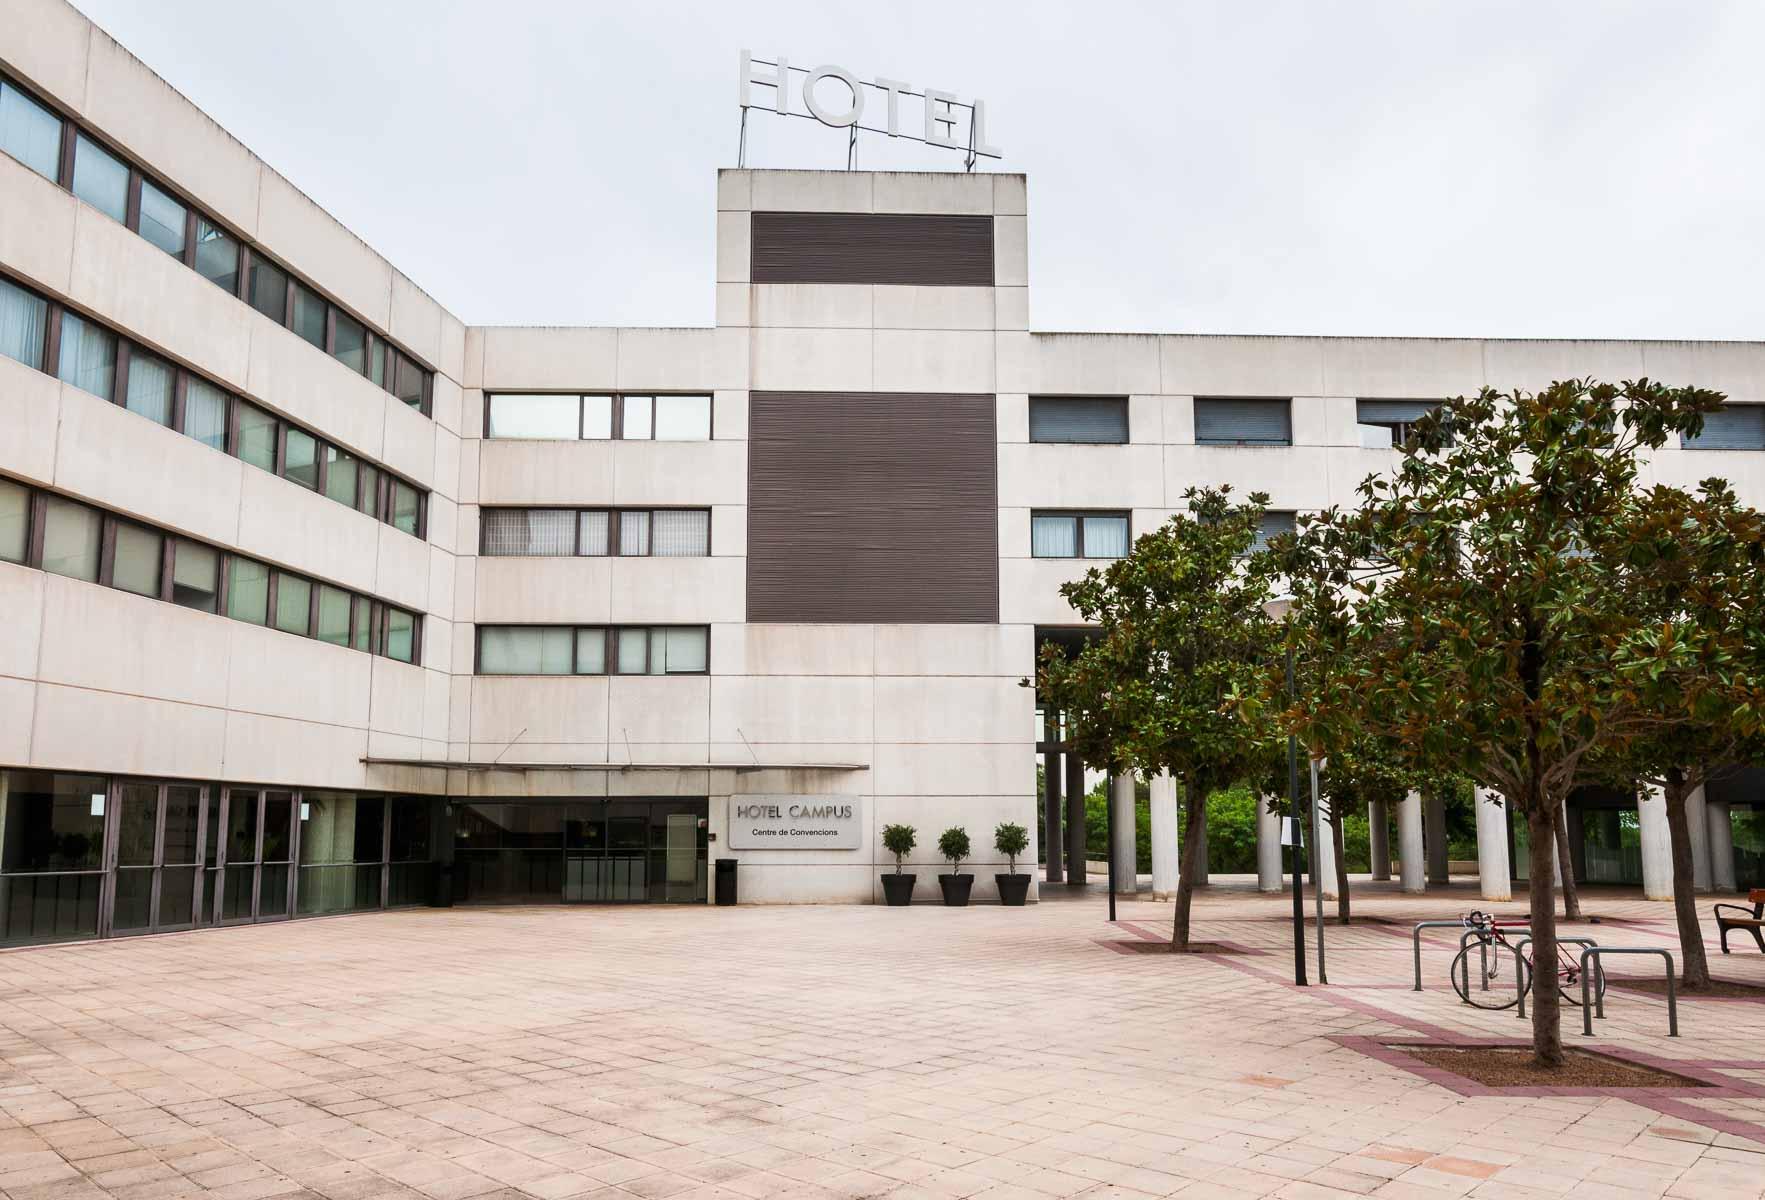 Hotel Campus